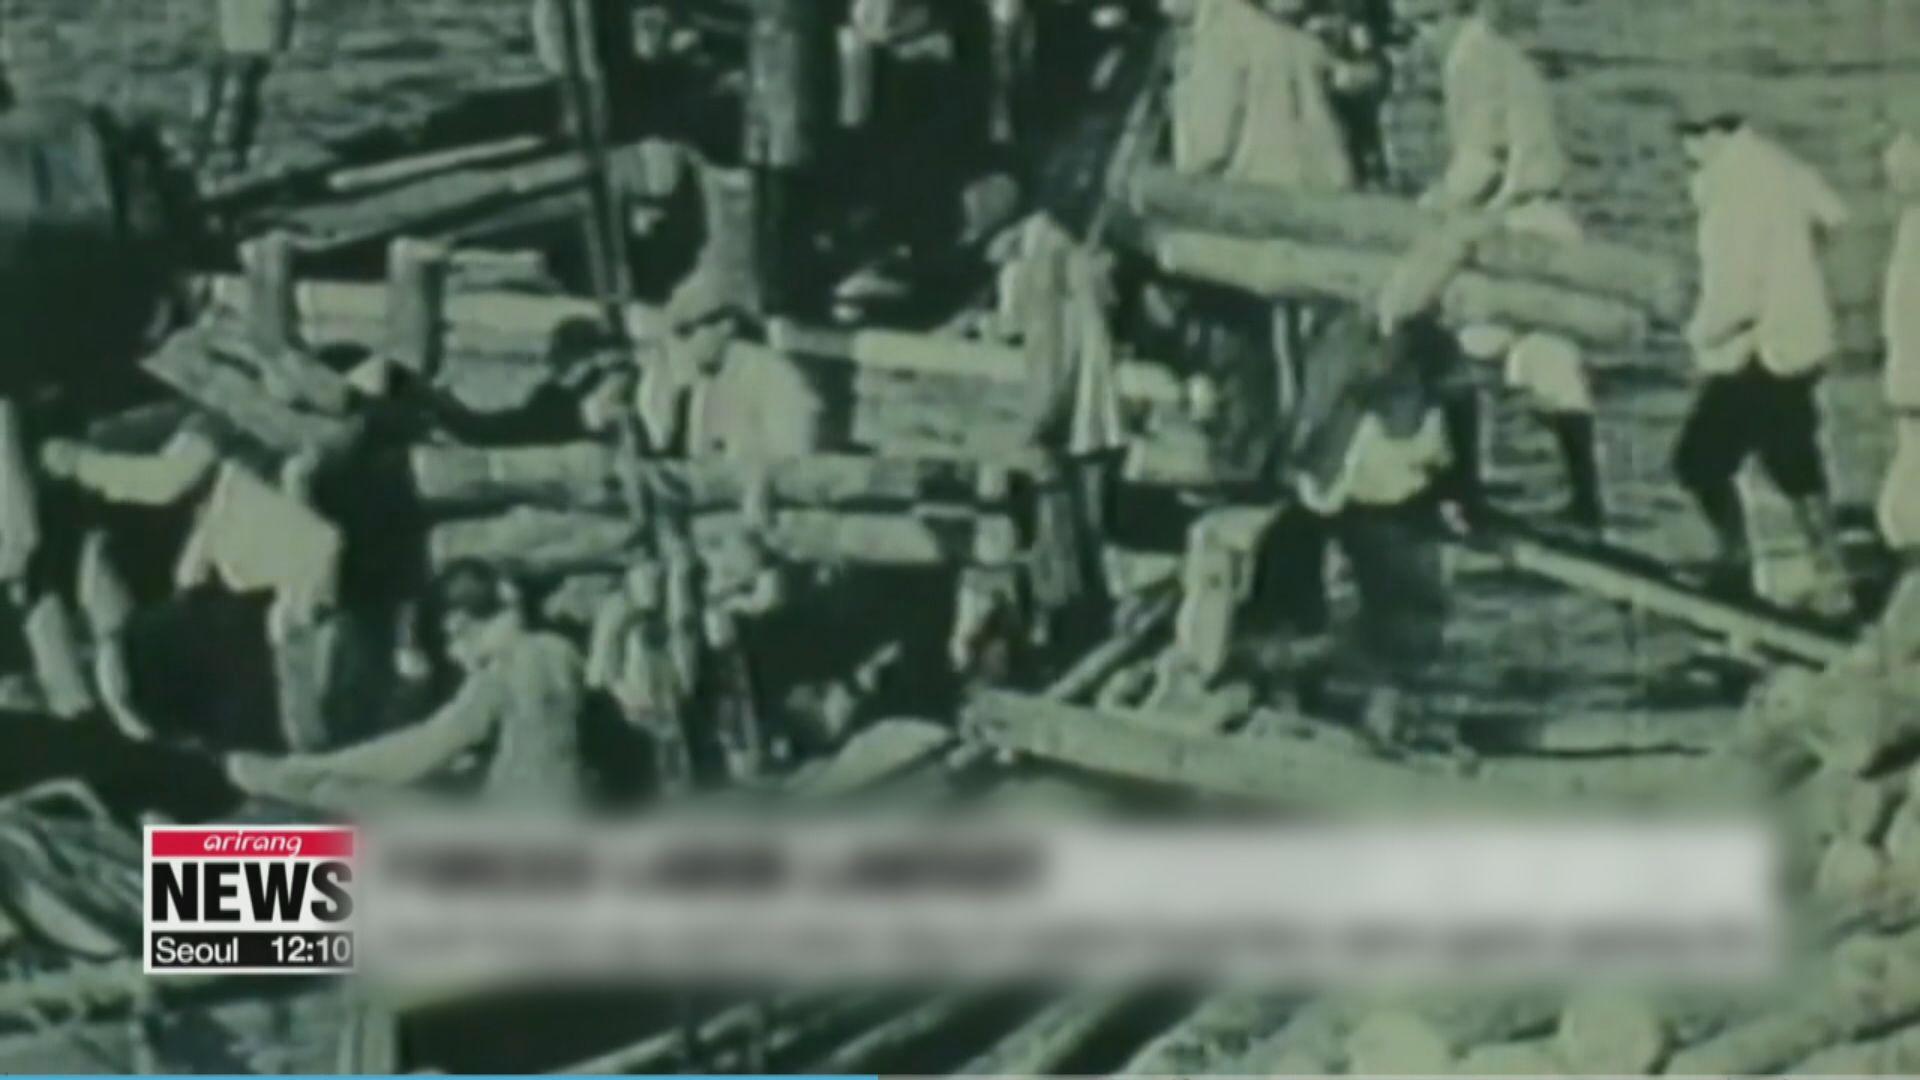 南韓:二戰勞工有權向日本企業提出個人索償